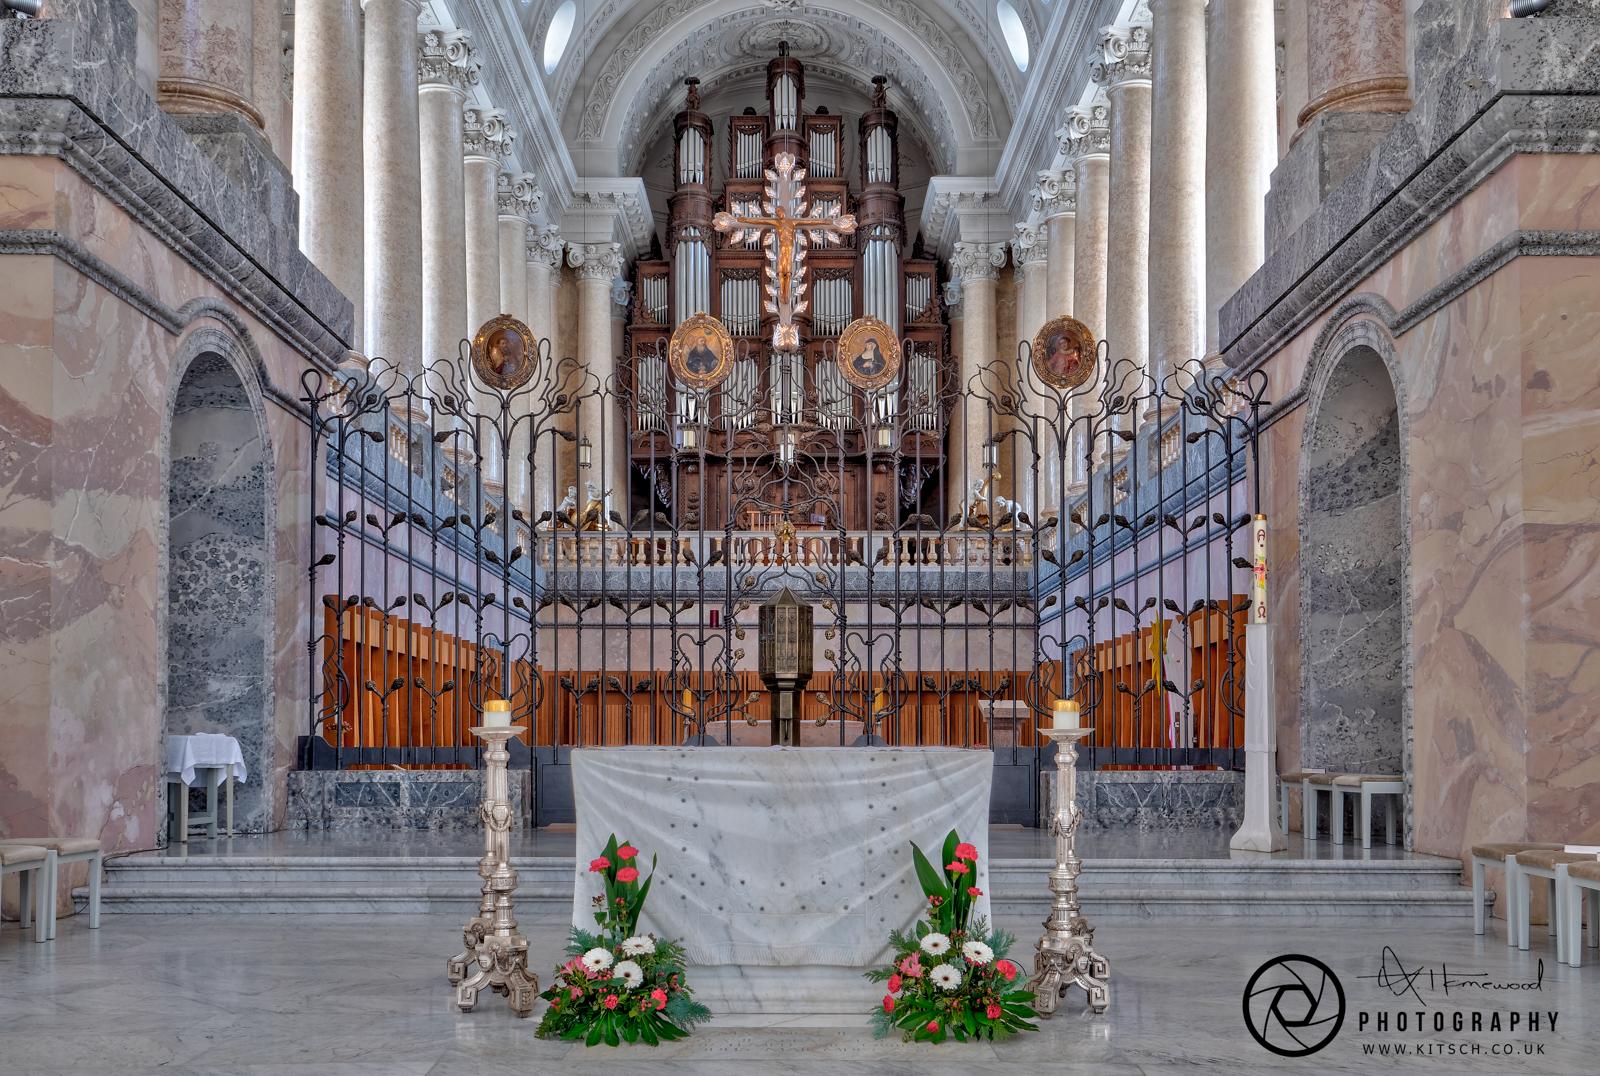 St Blasien interior